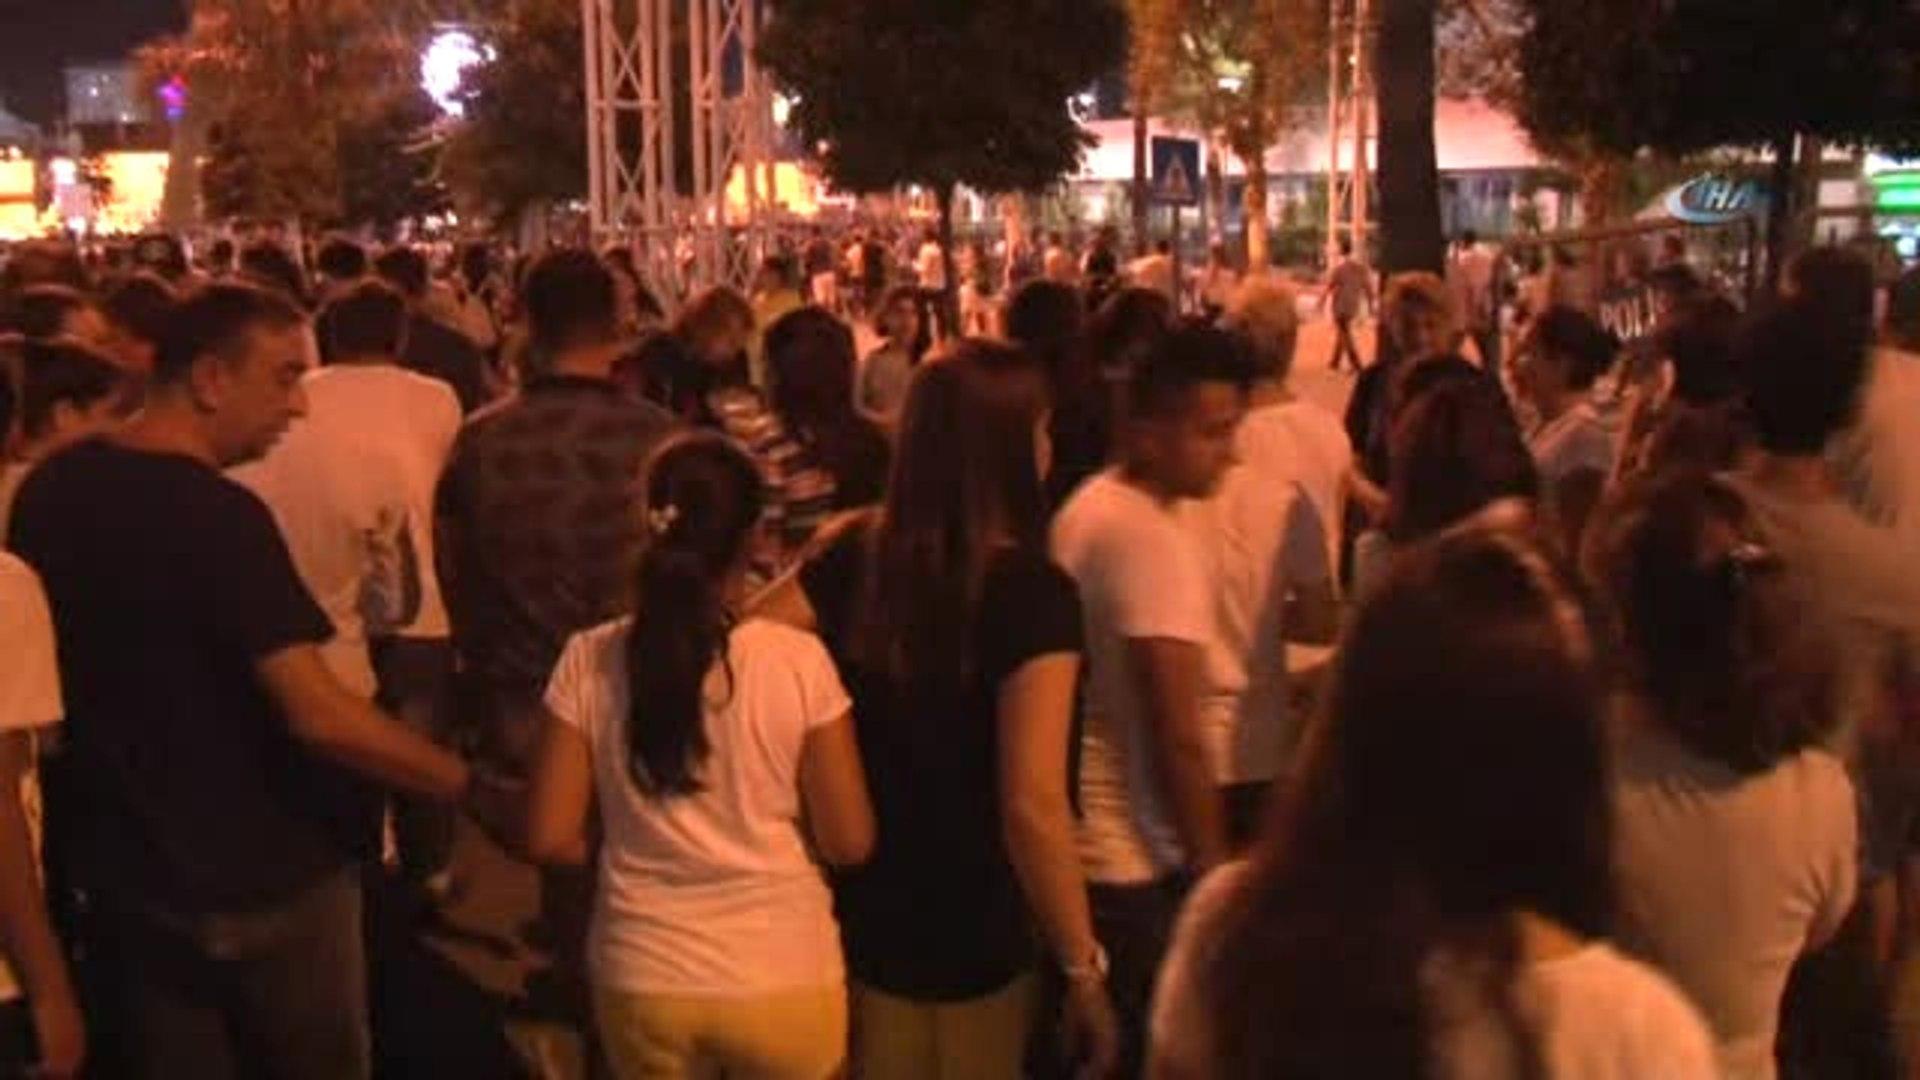 Hadise'nin Konseri Hınca Hınç Dolunca Adanalılar Çam Ağaçlarına Tırmandı